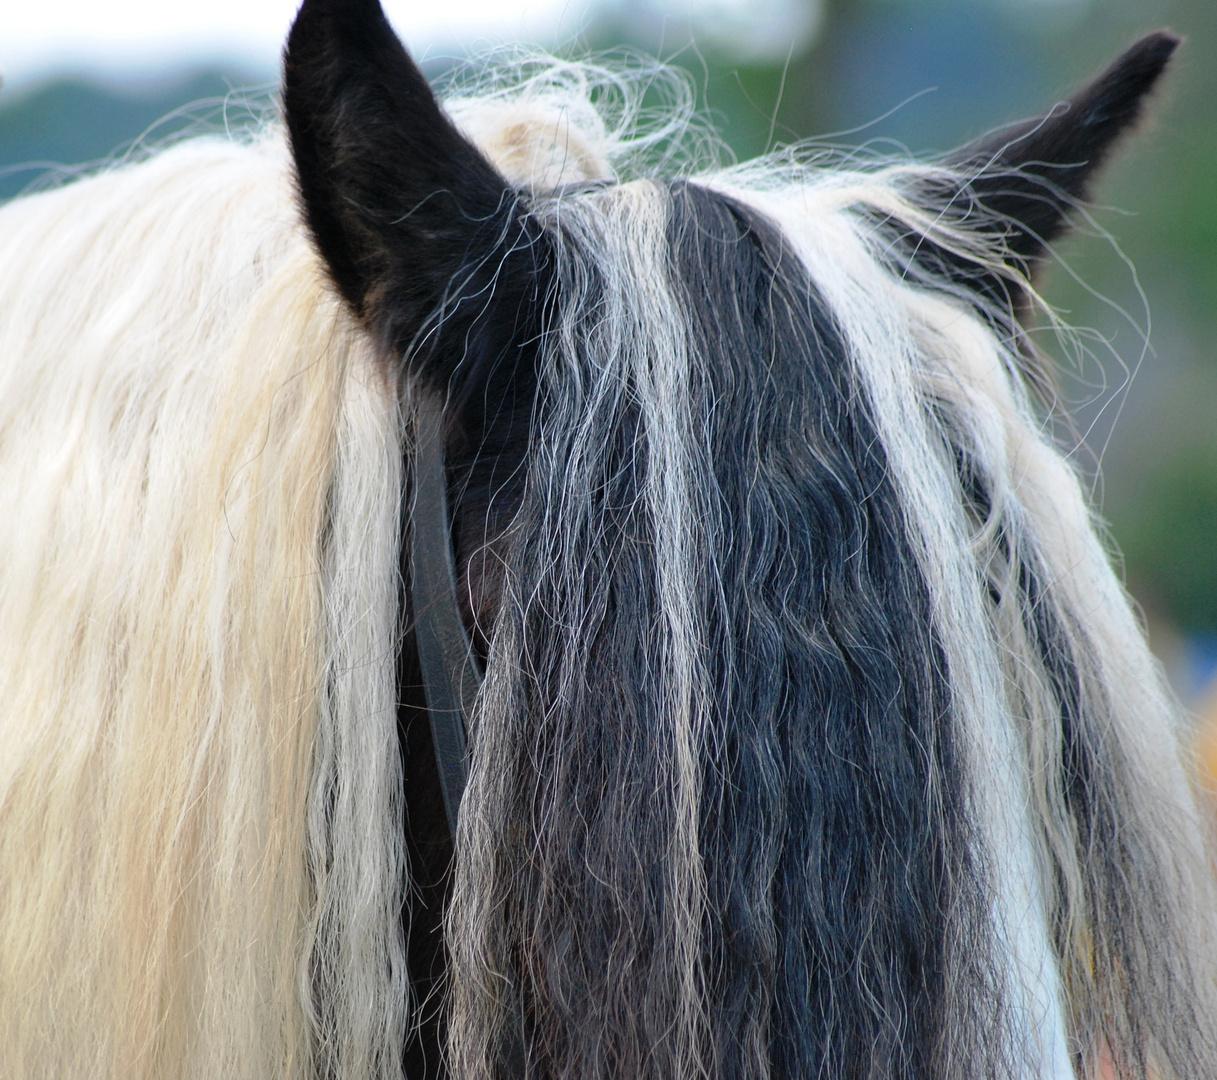 Der Pony müsste mal geschnitten werden ...